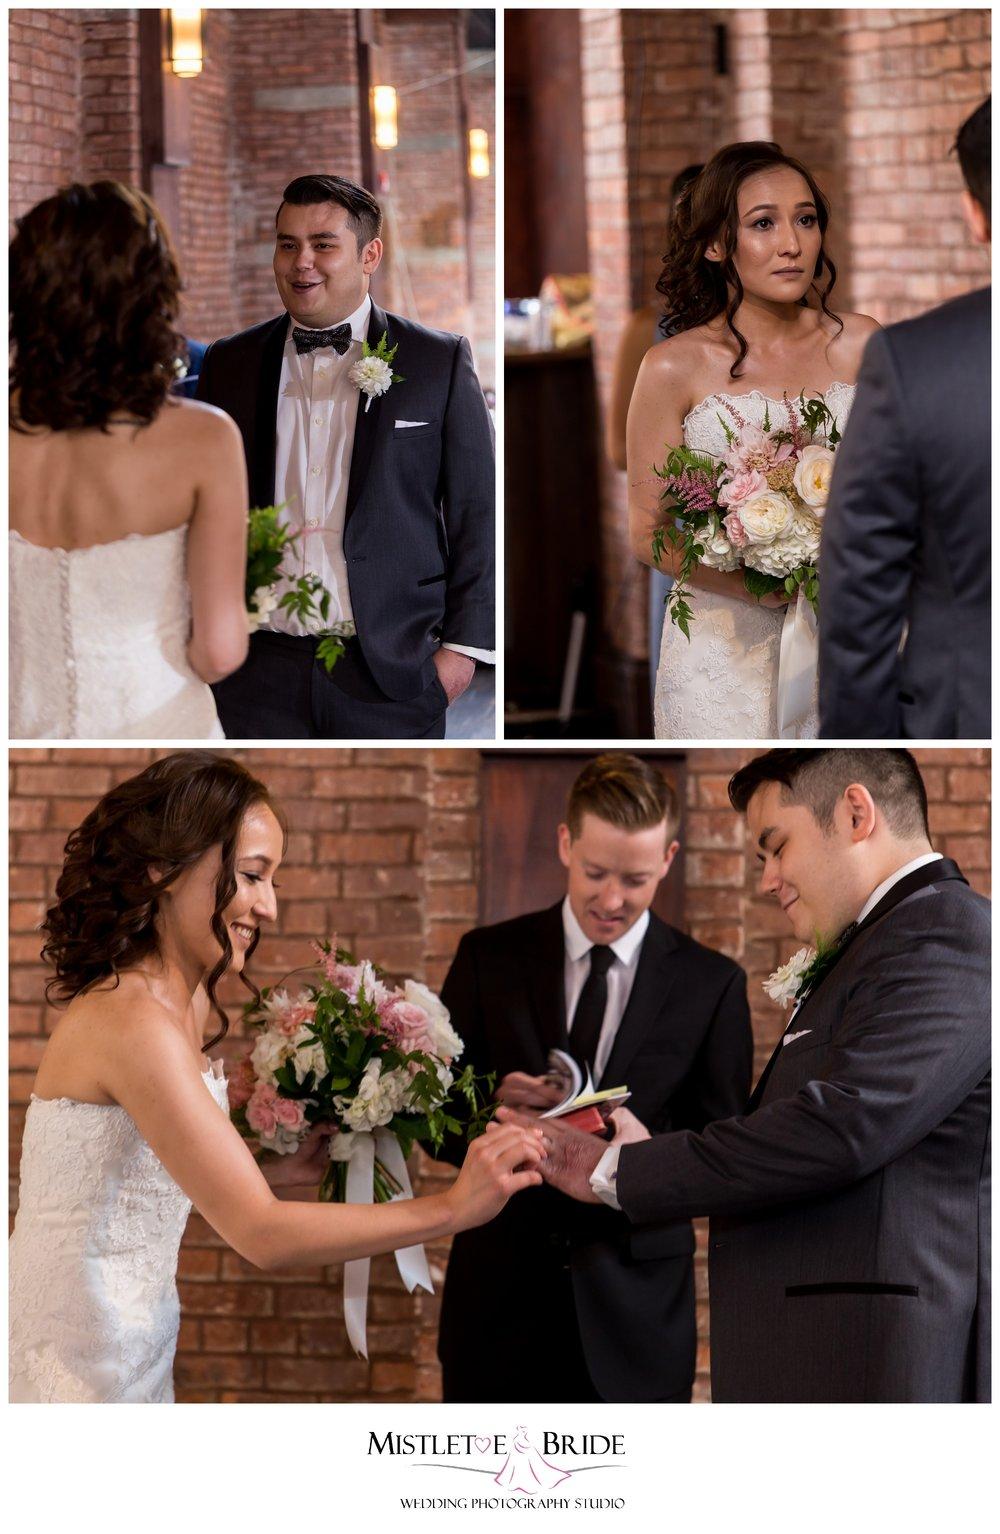 26-bridge-nyc-wedding-photography-0174.jpg